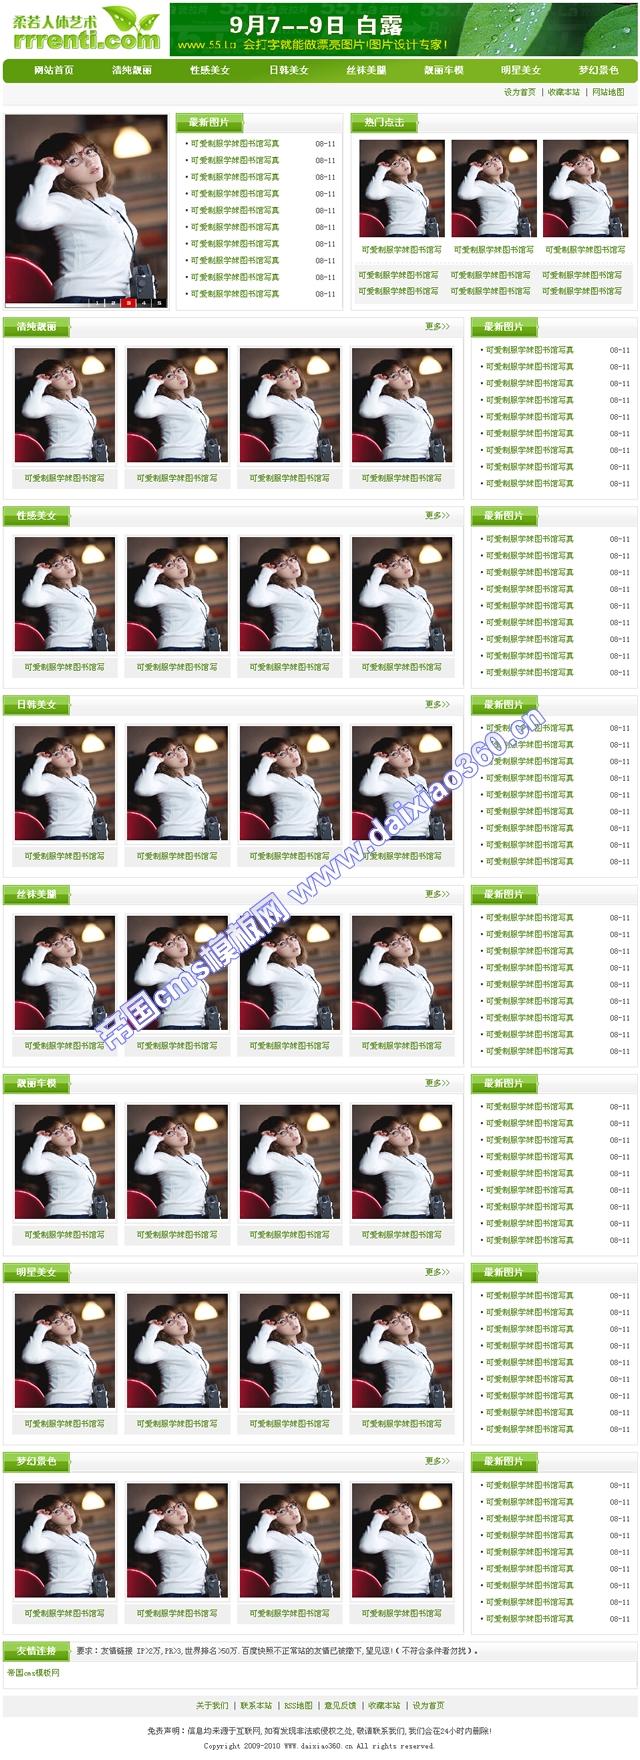 帝国cms绿色清爽图片站模板_首页